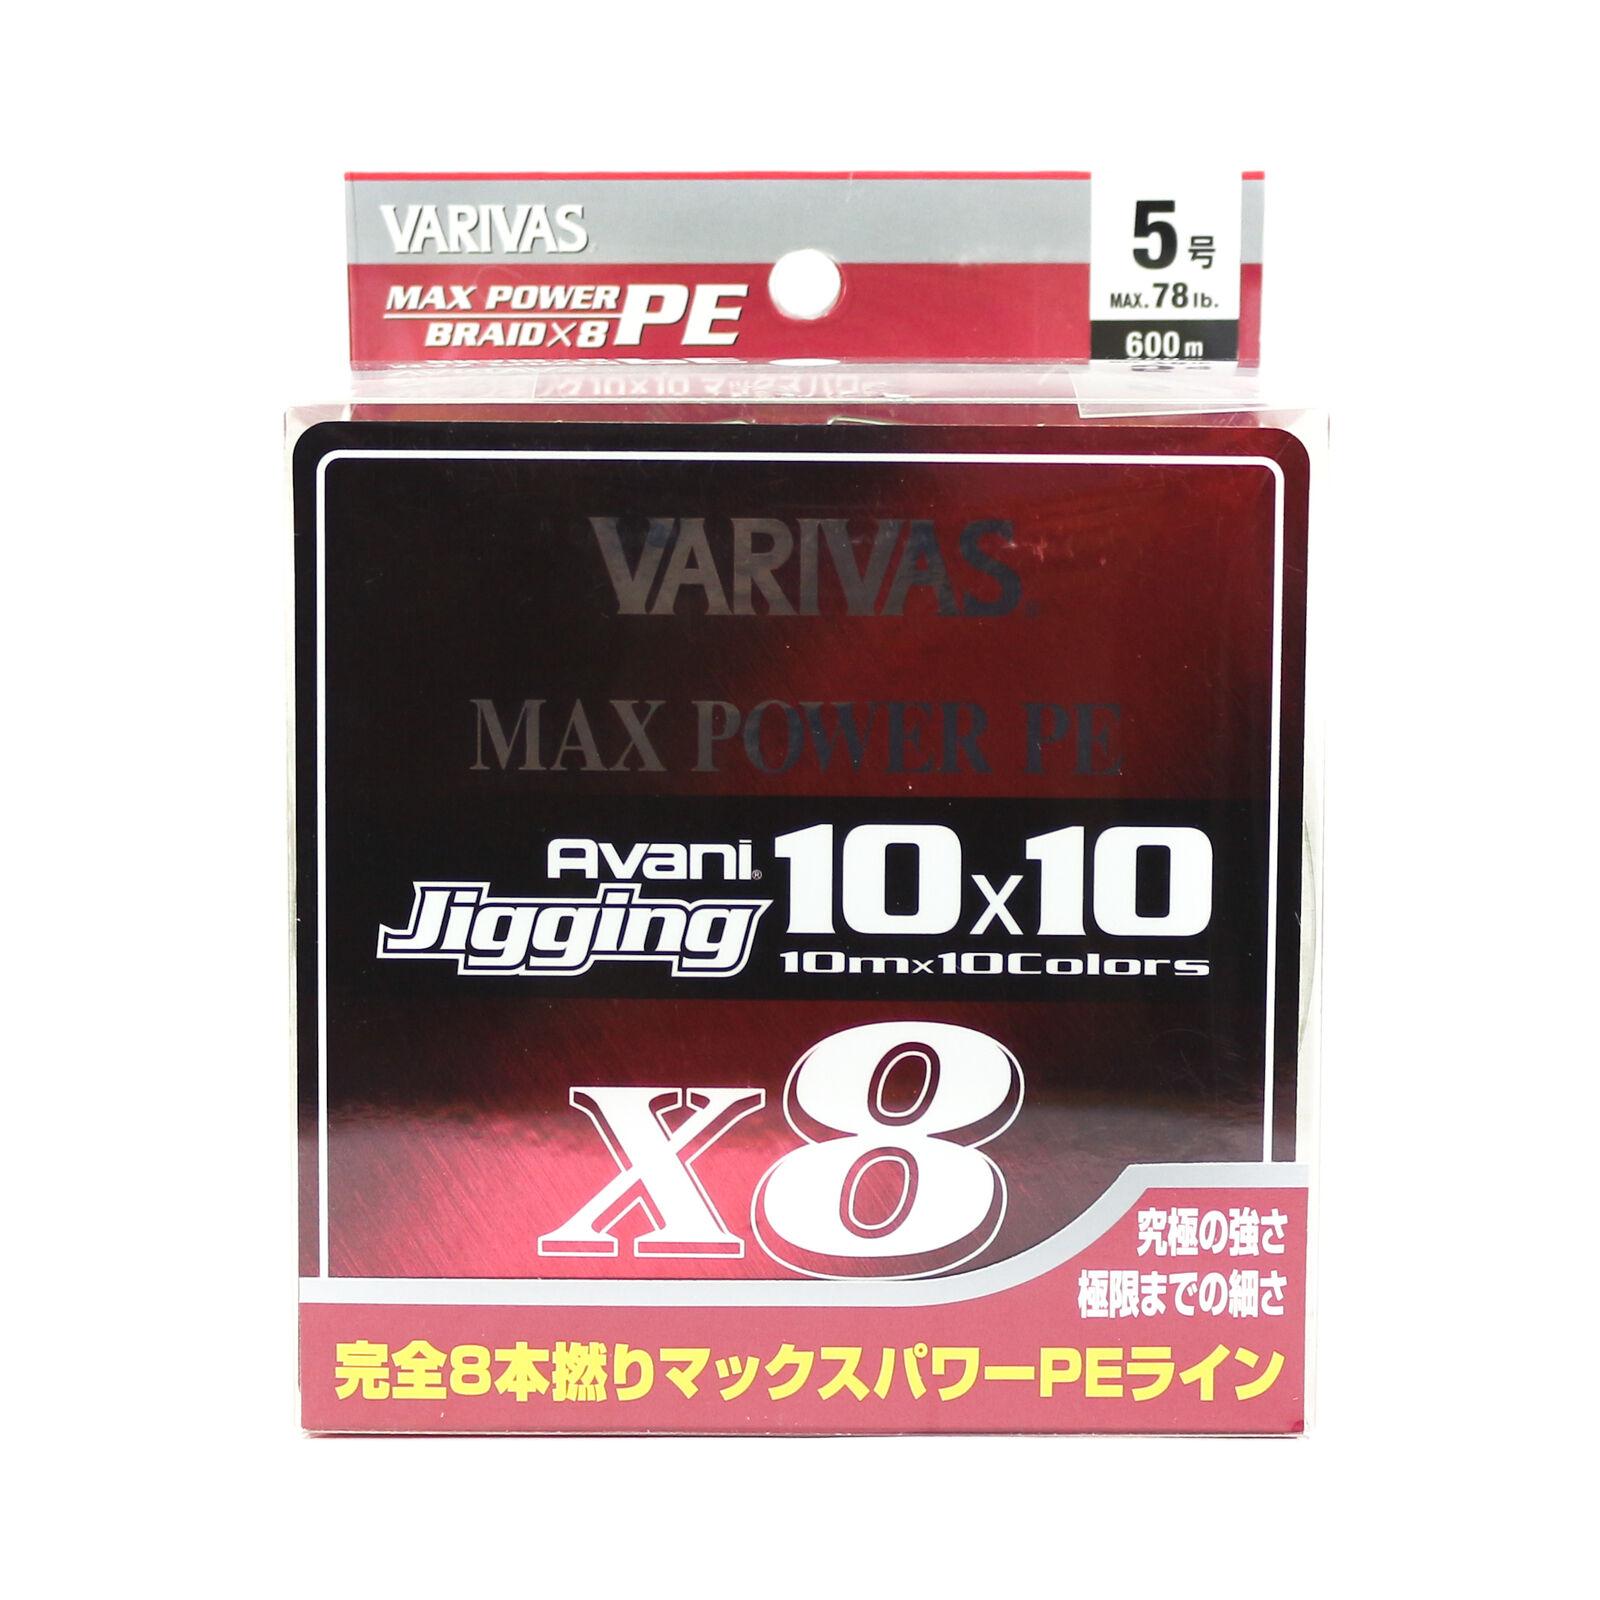 [Varivas] P.E Line Avani Jigging Max energia 10 x 10 600m P.E 5 78lb  4816